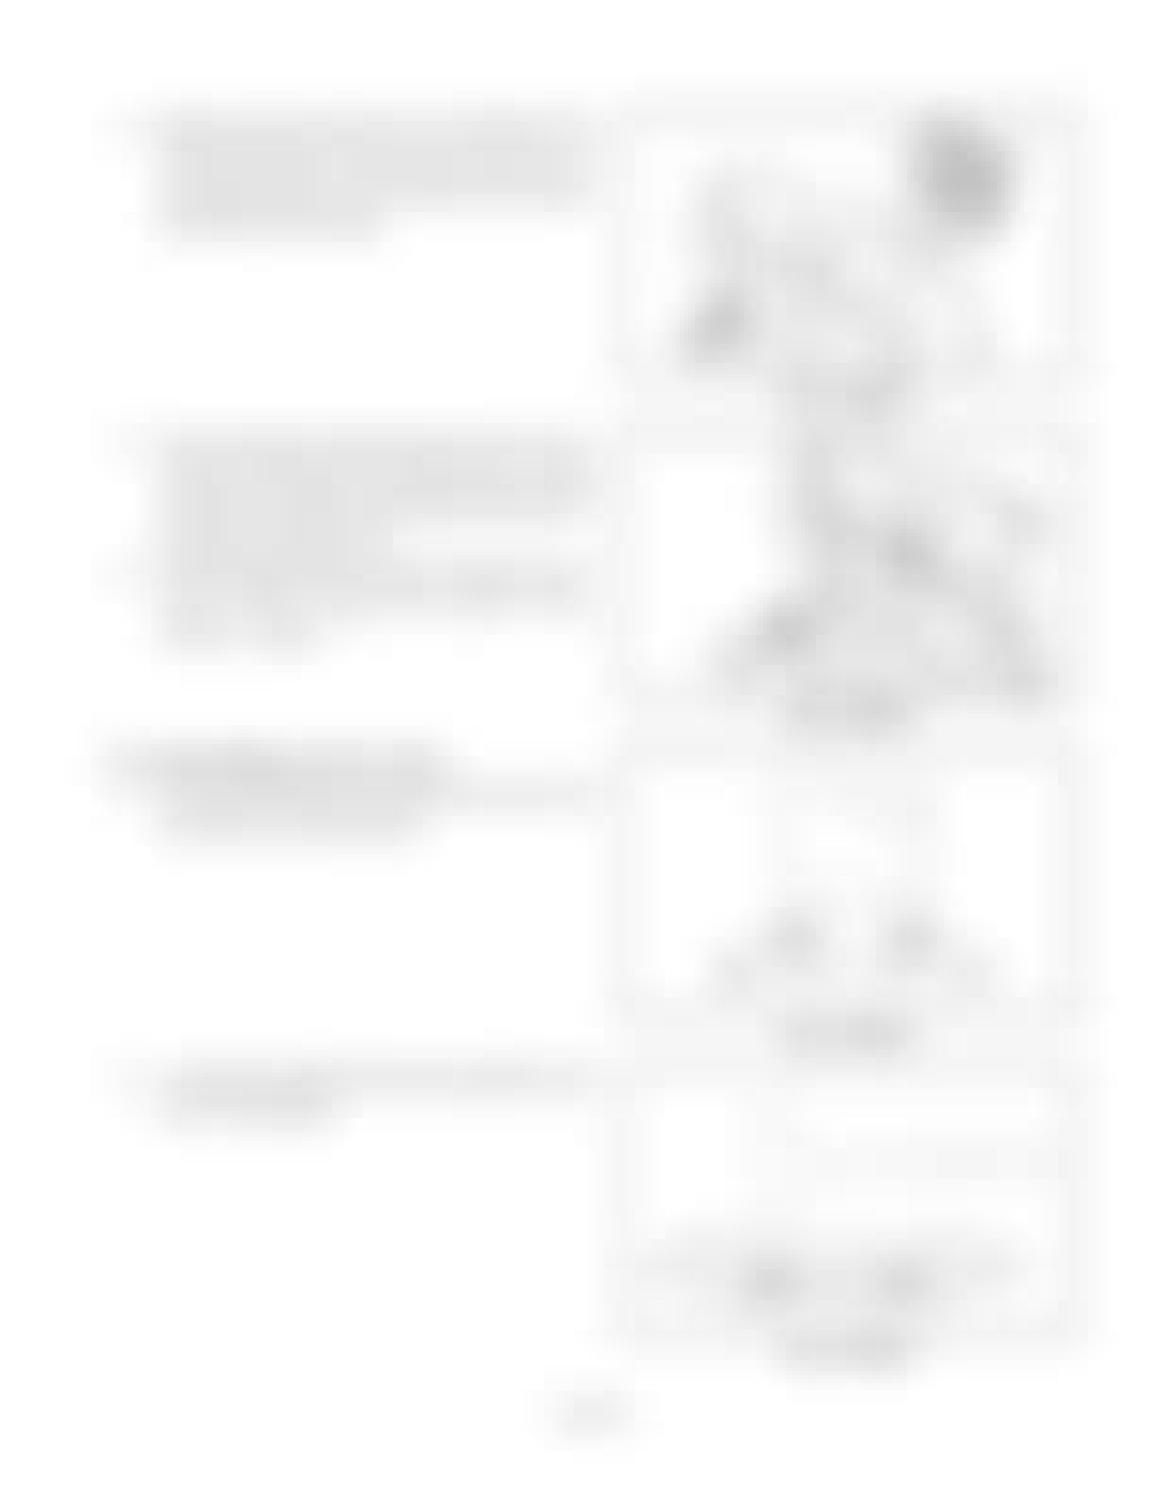 Hitachi LX110-7 LX130-7 LX160-7 LX190-7 LX230-7 Wheel Loader Workshop Manual - PDF DOWNLOAD page 121